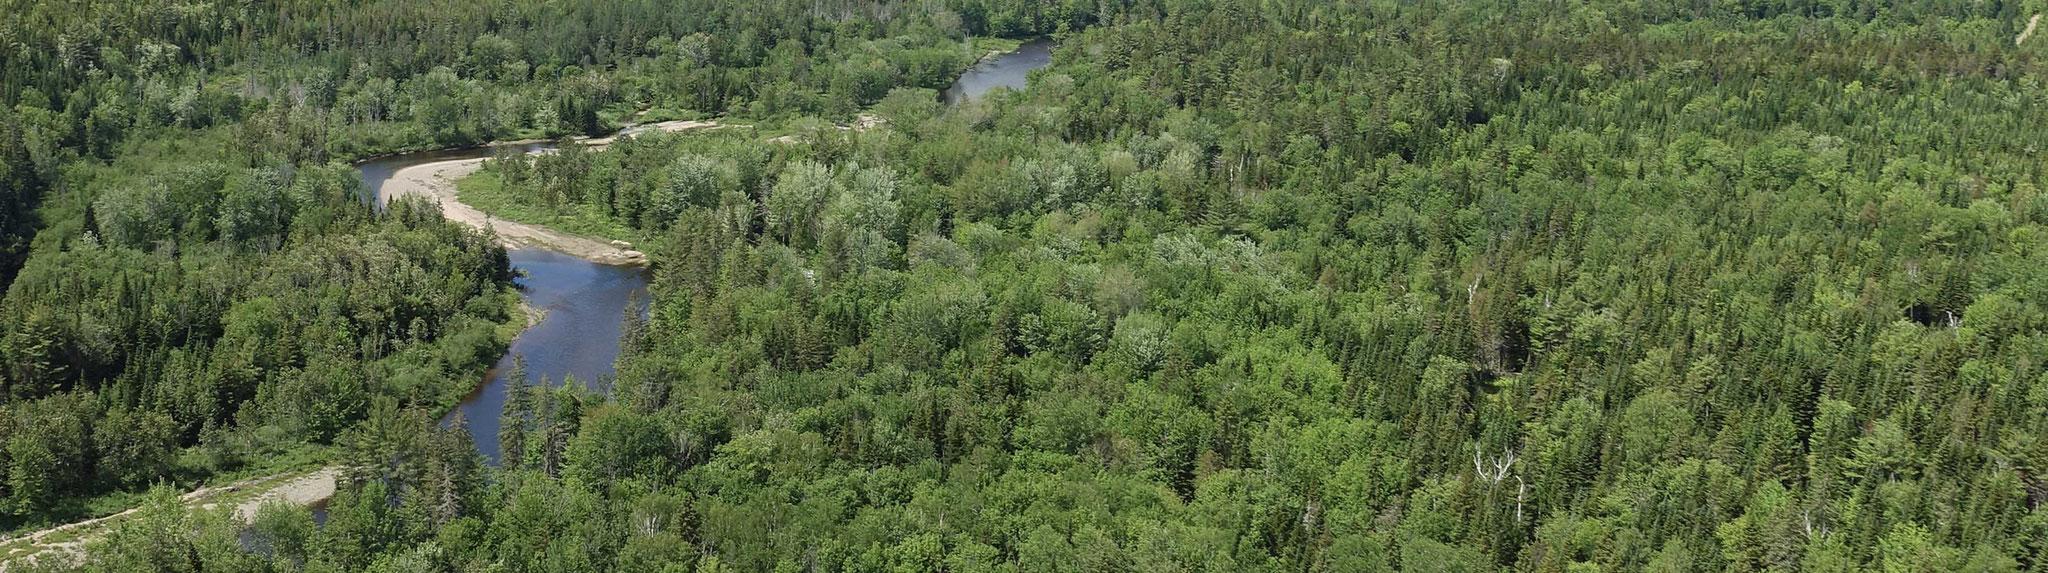 title:Blackville Forest,title2:Wald mit Ufer,provinz:New Brunswick,bezirk:Northumberland,art:Mischwald,flaeche:269 ha,ufer:1.700 Meter,preis:verkauft